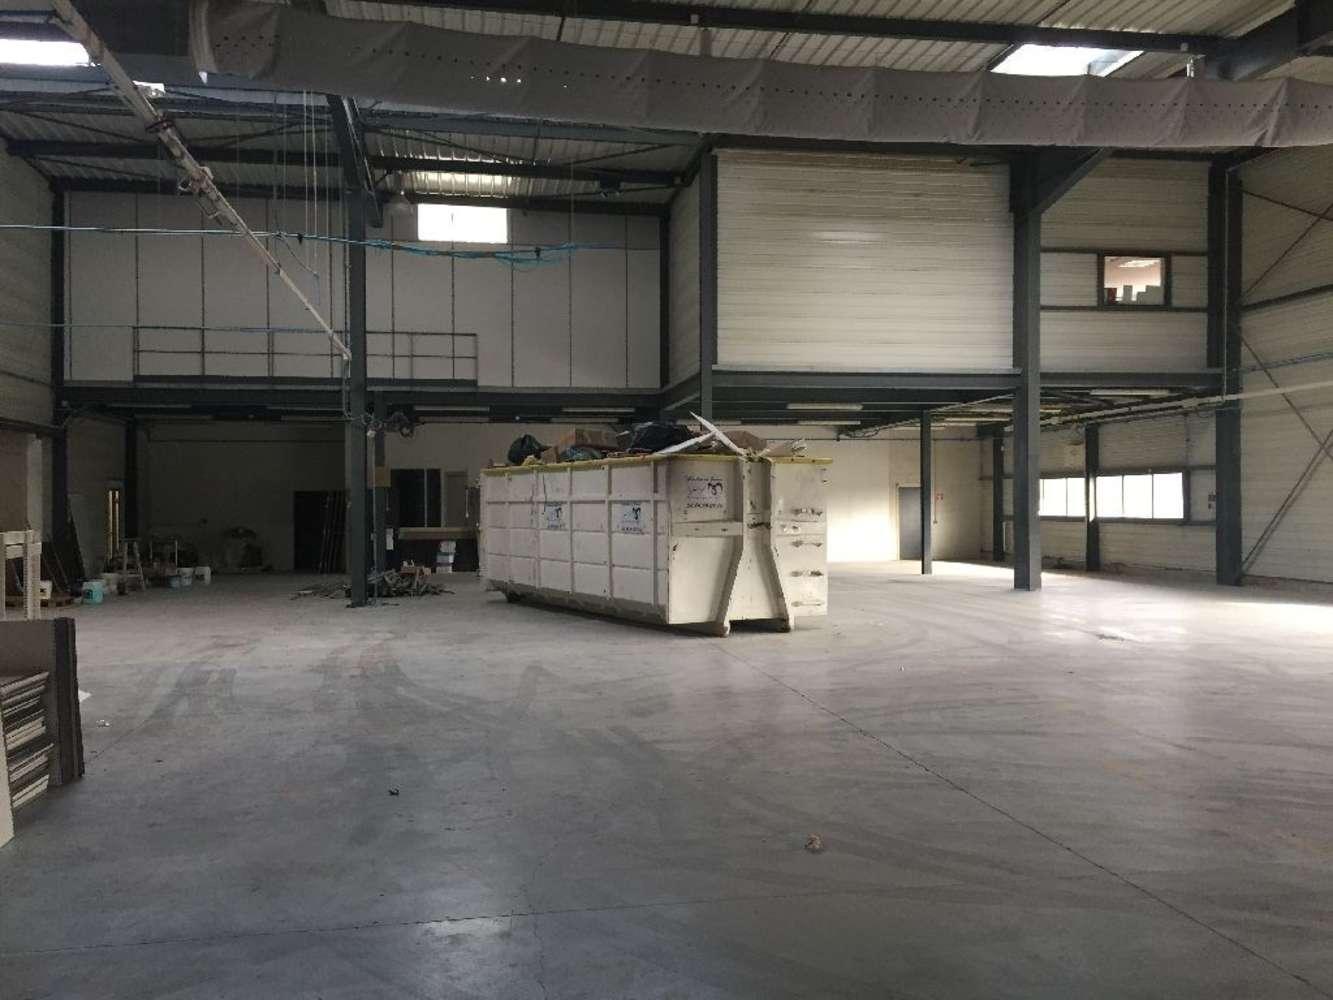 Activités/entrepôt Rillieux la pape, 69140 - Location locaux d'activité Lyon Nord - 9898430